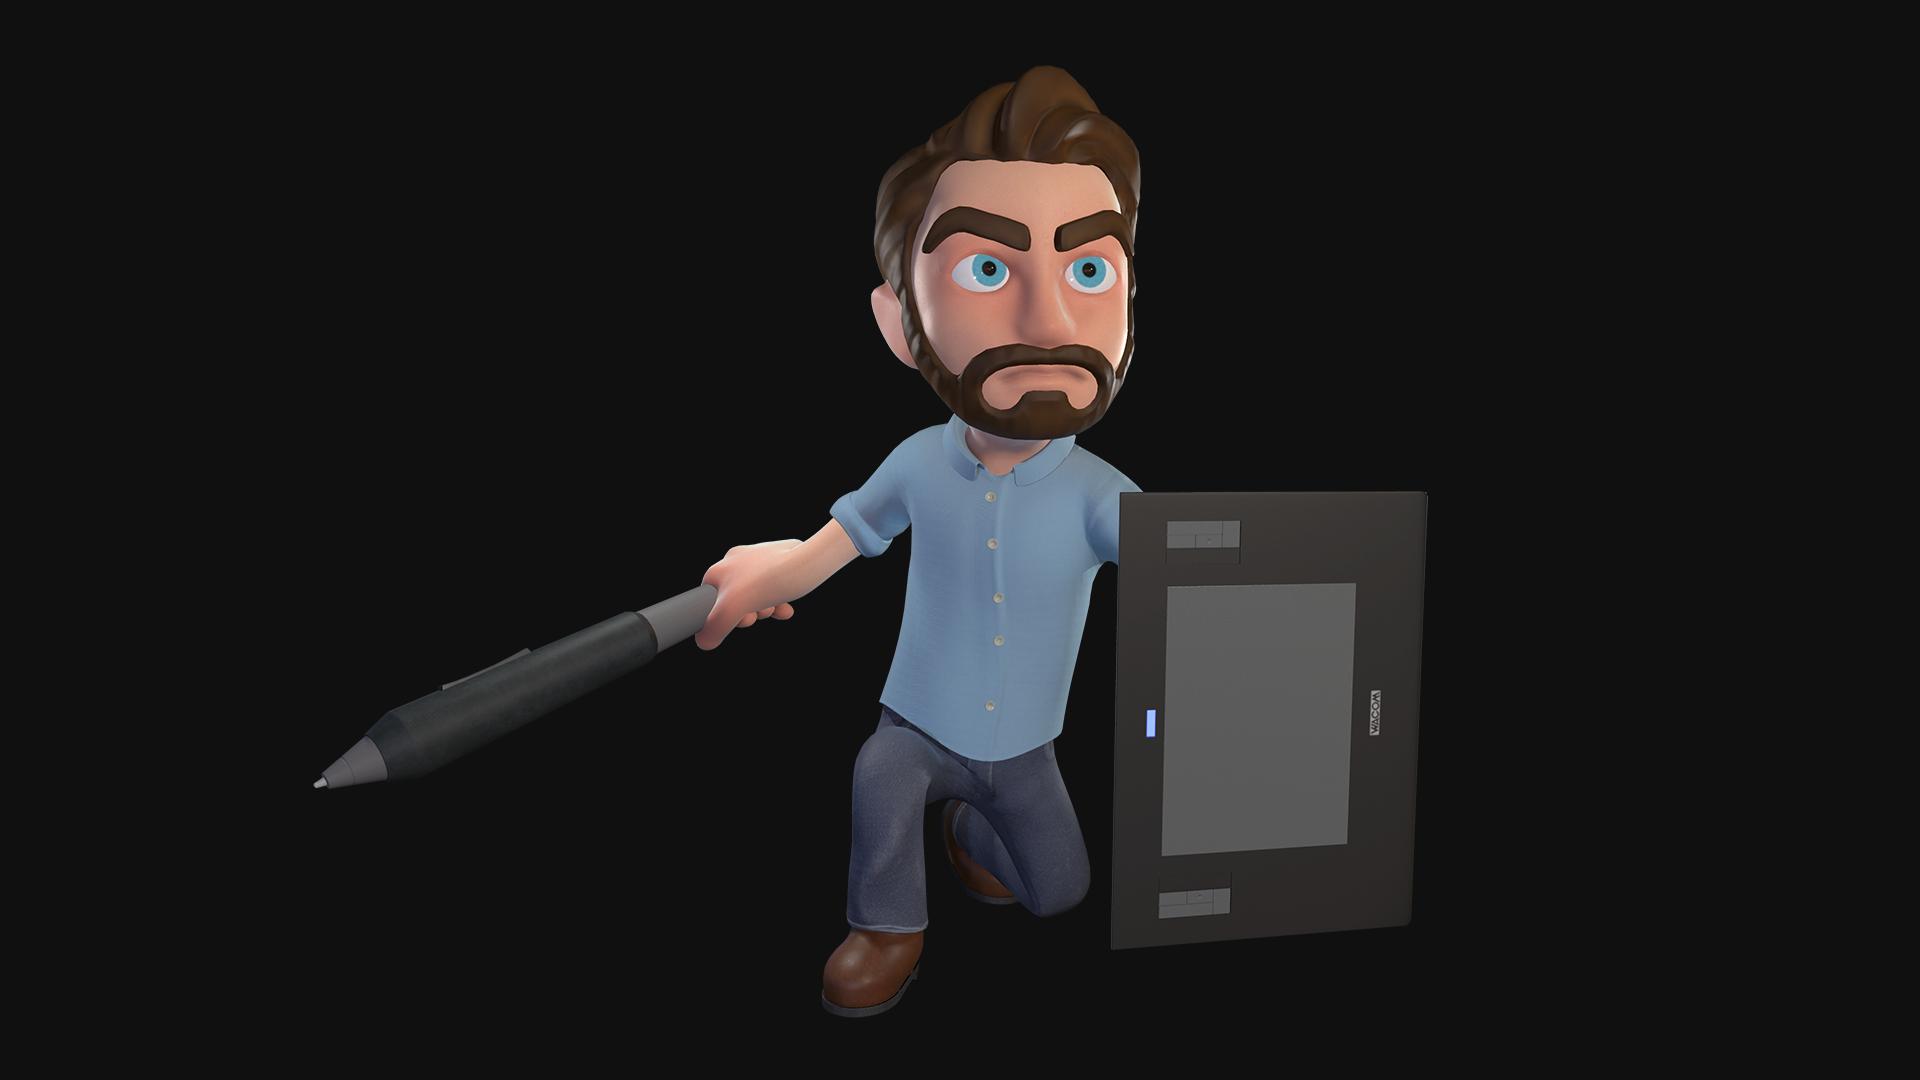 3D Self Portrait